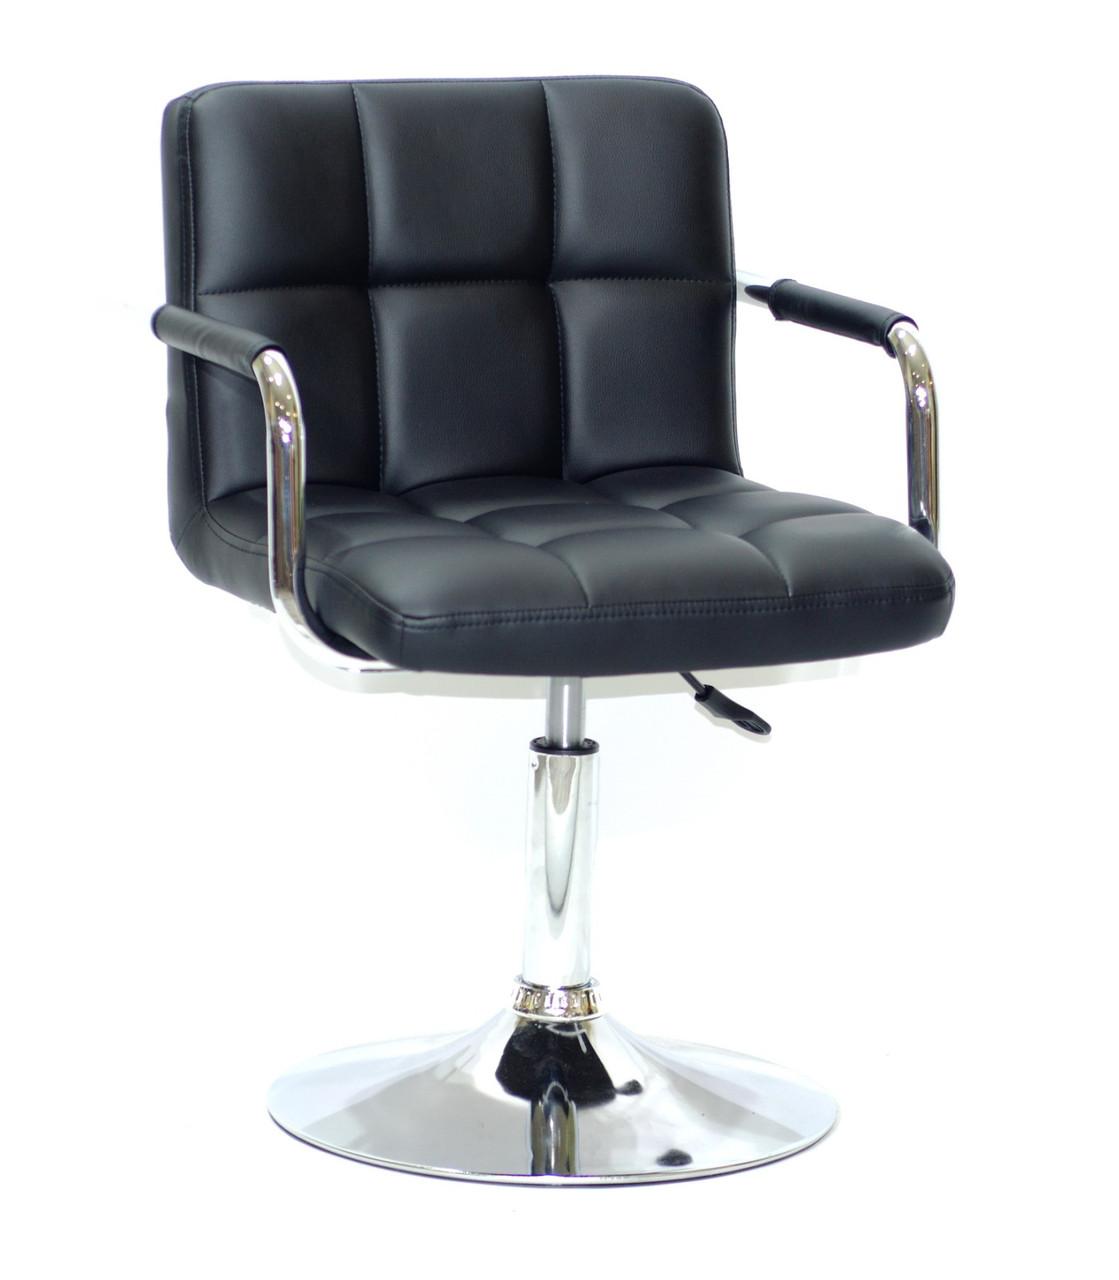 Кресло парикмахера ARNO (Арно) CH-BASE ЭК черное на блине с подлокотниками экокожа